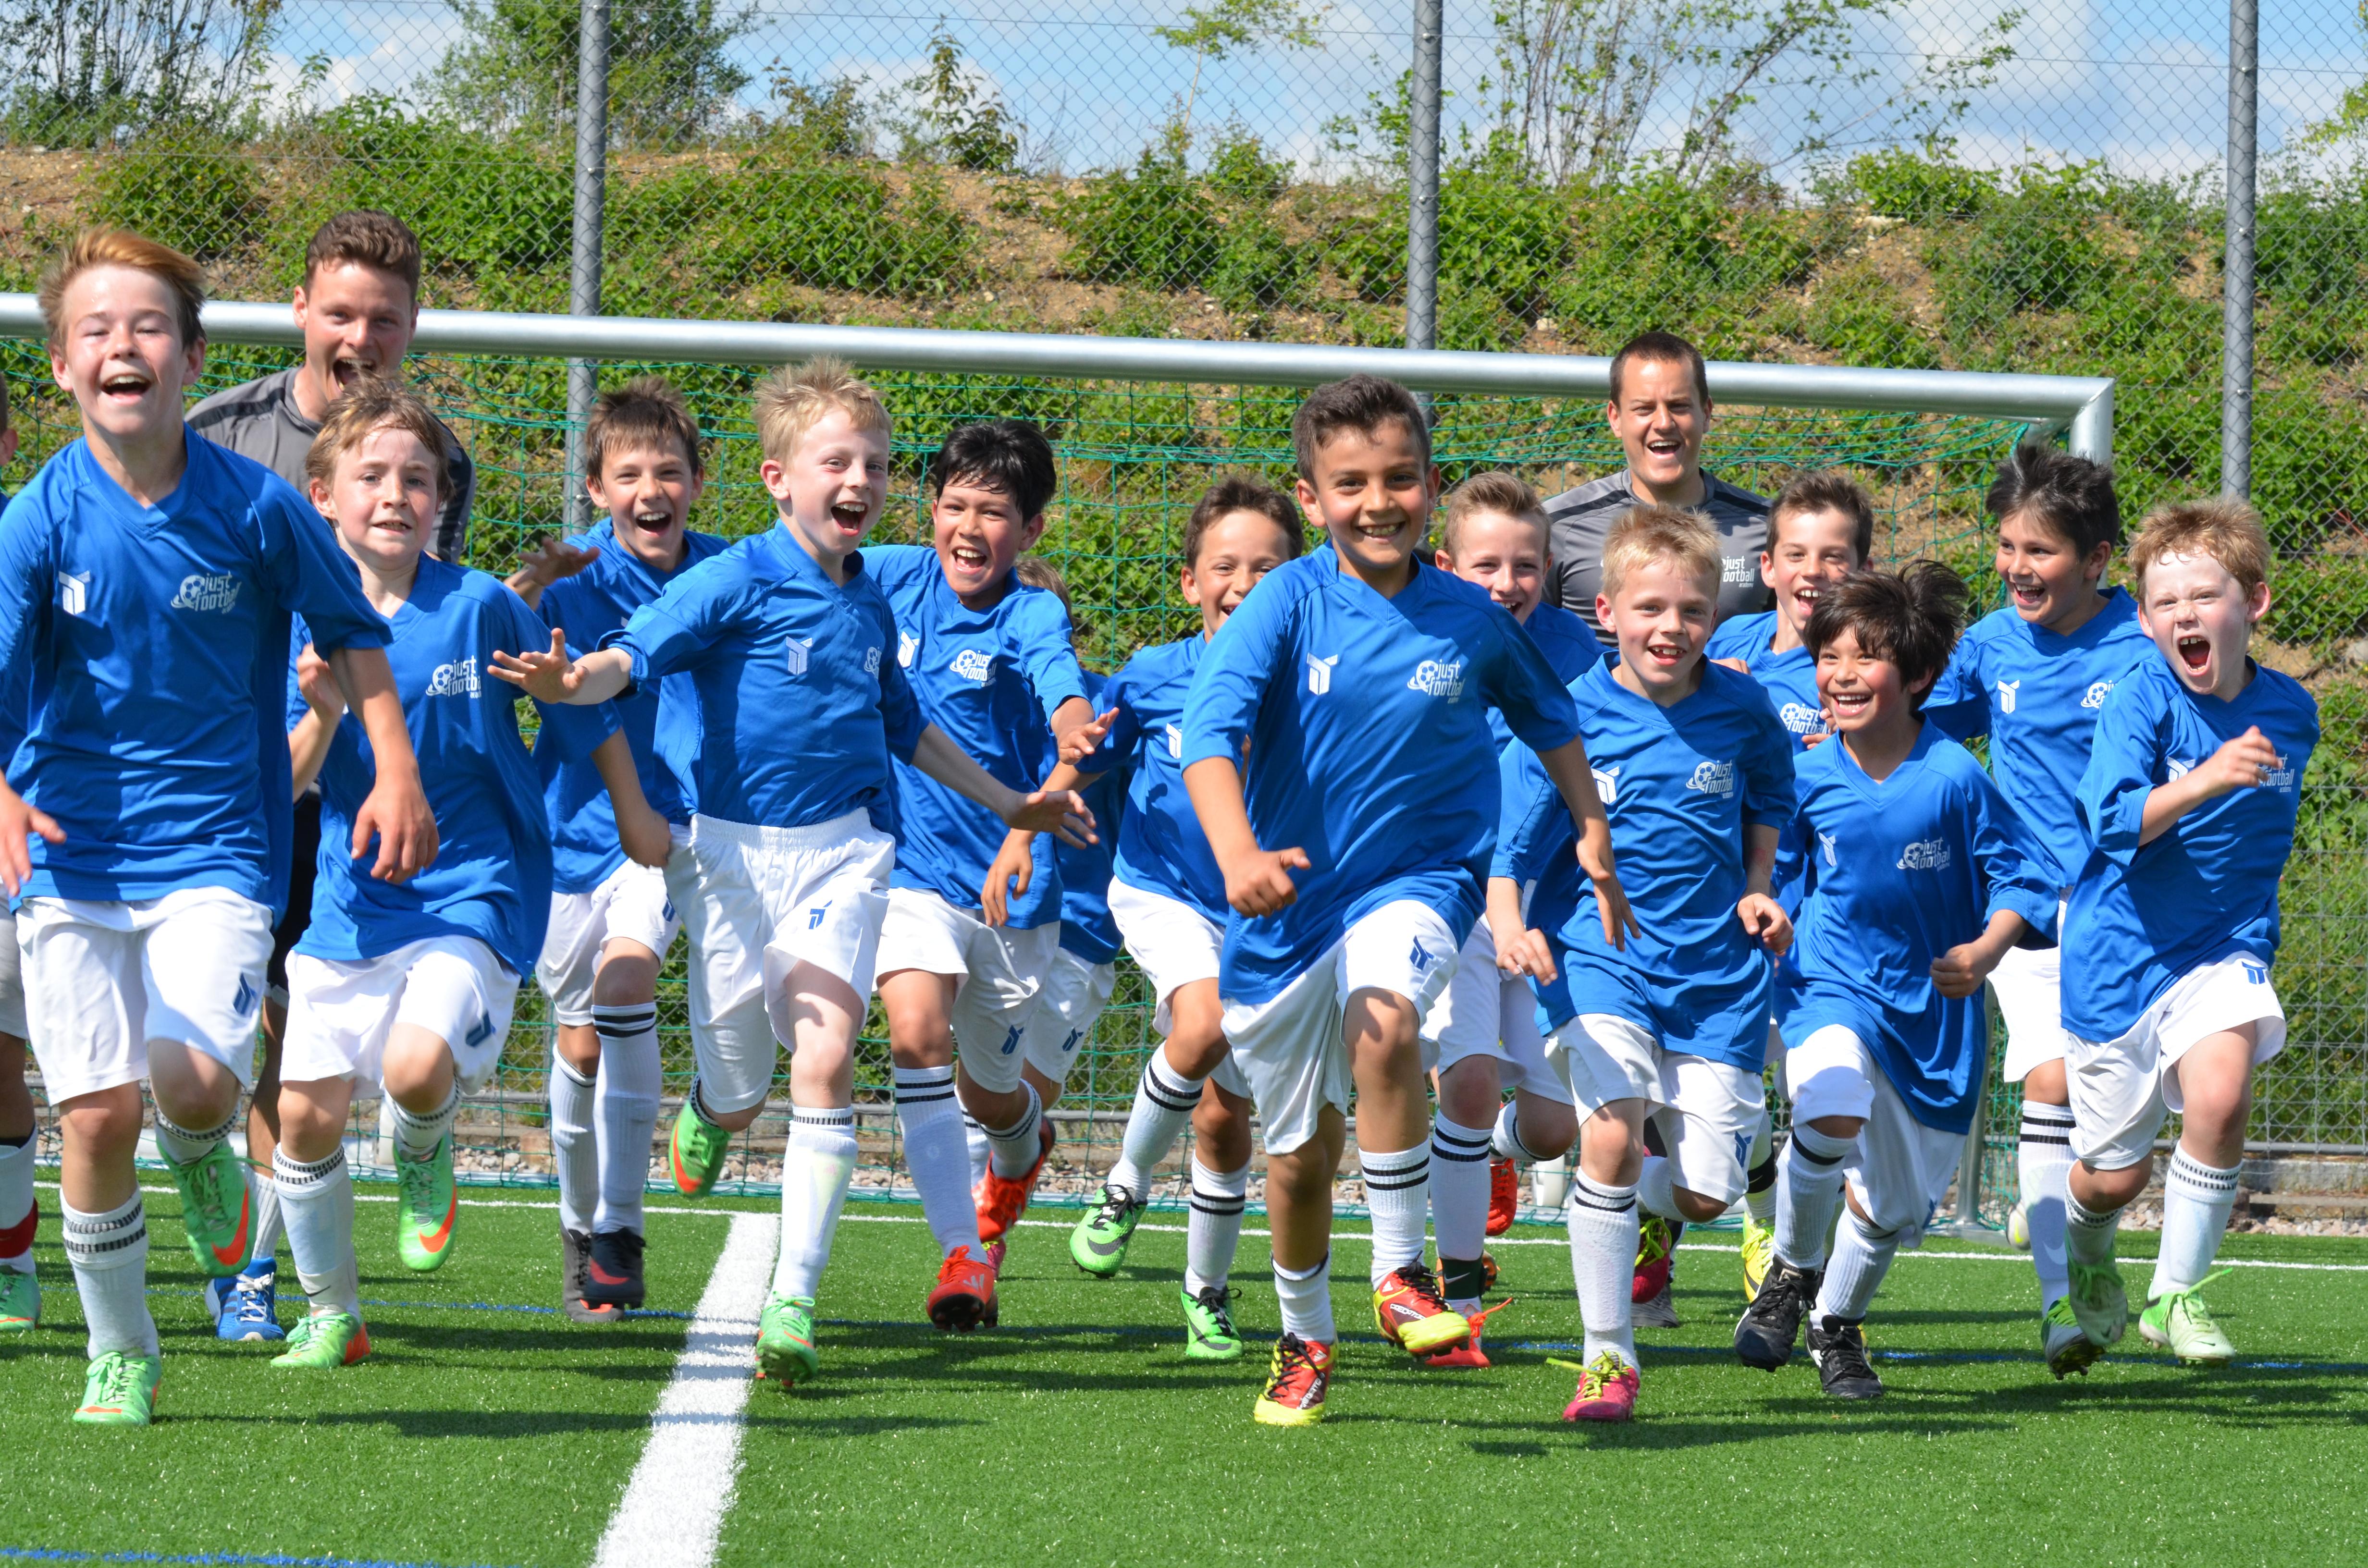 Junge Fussballer aus der Region Basel können Privatstunden nehmen.